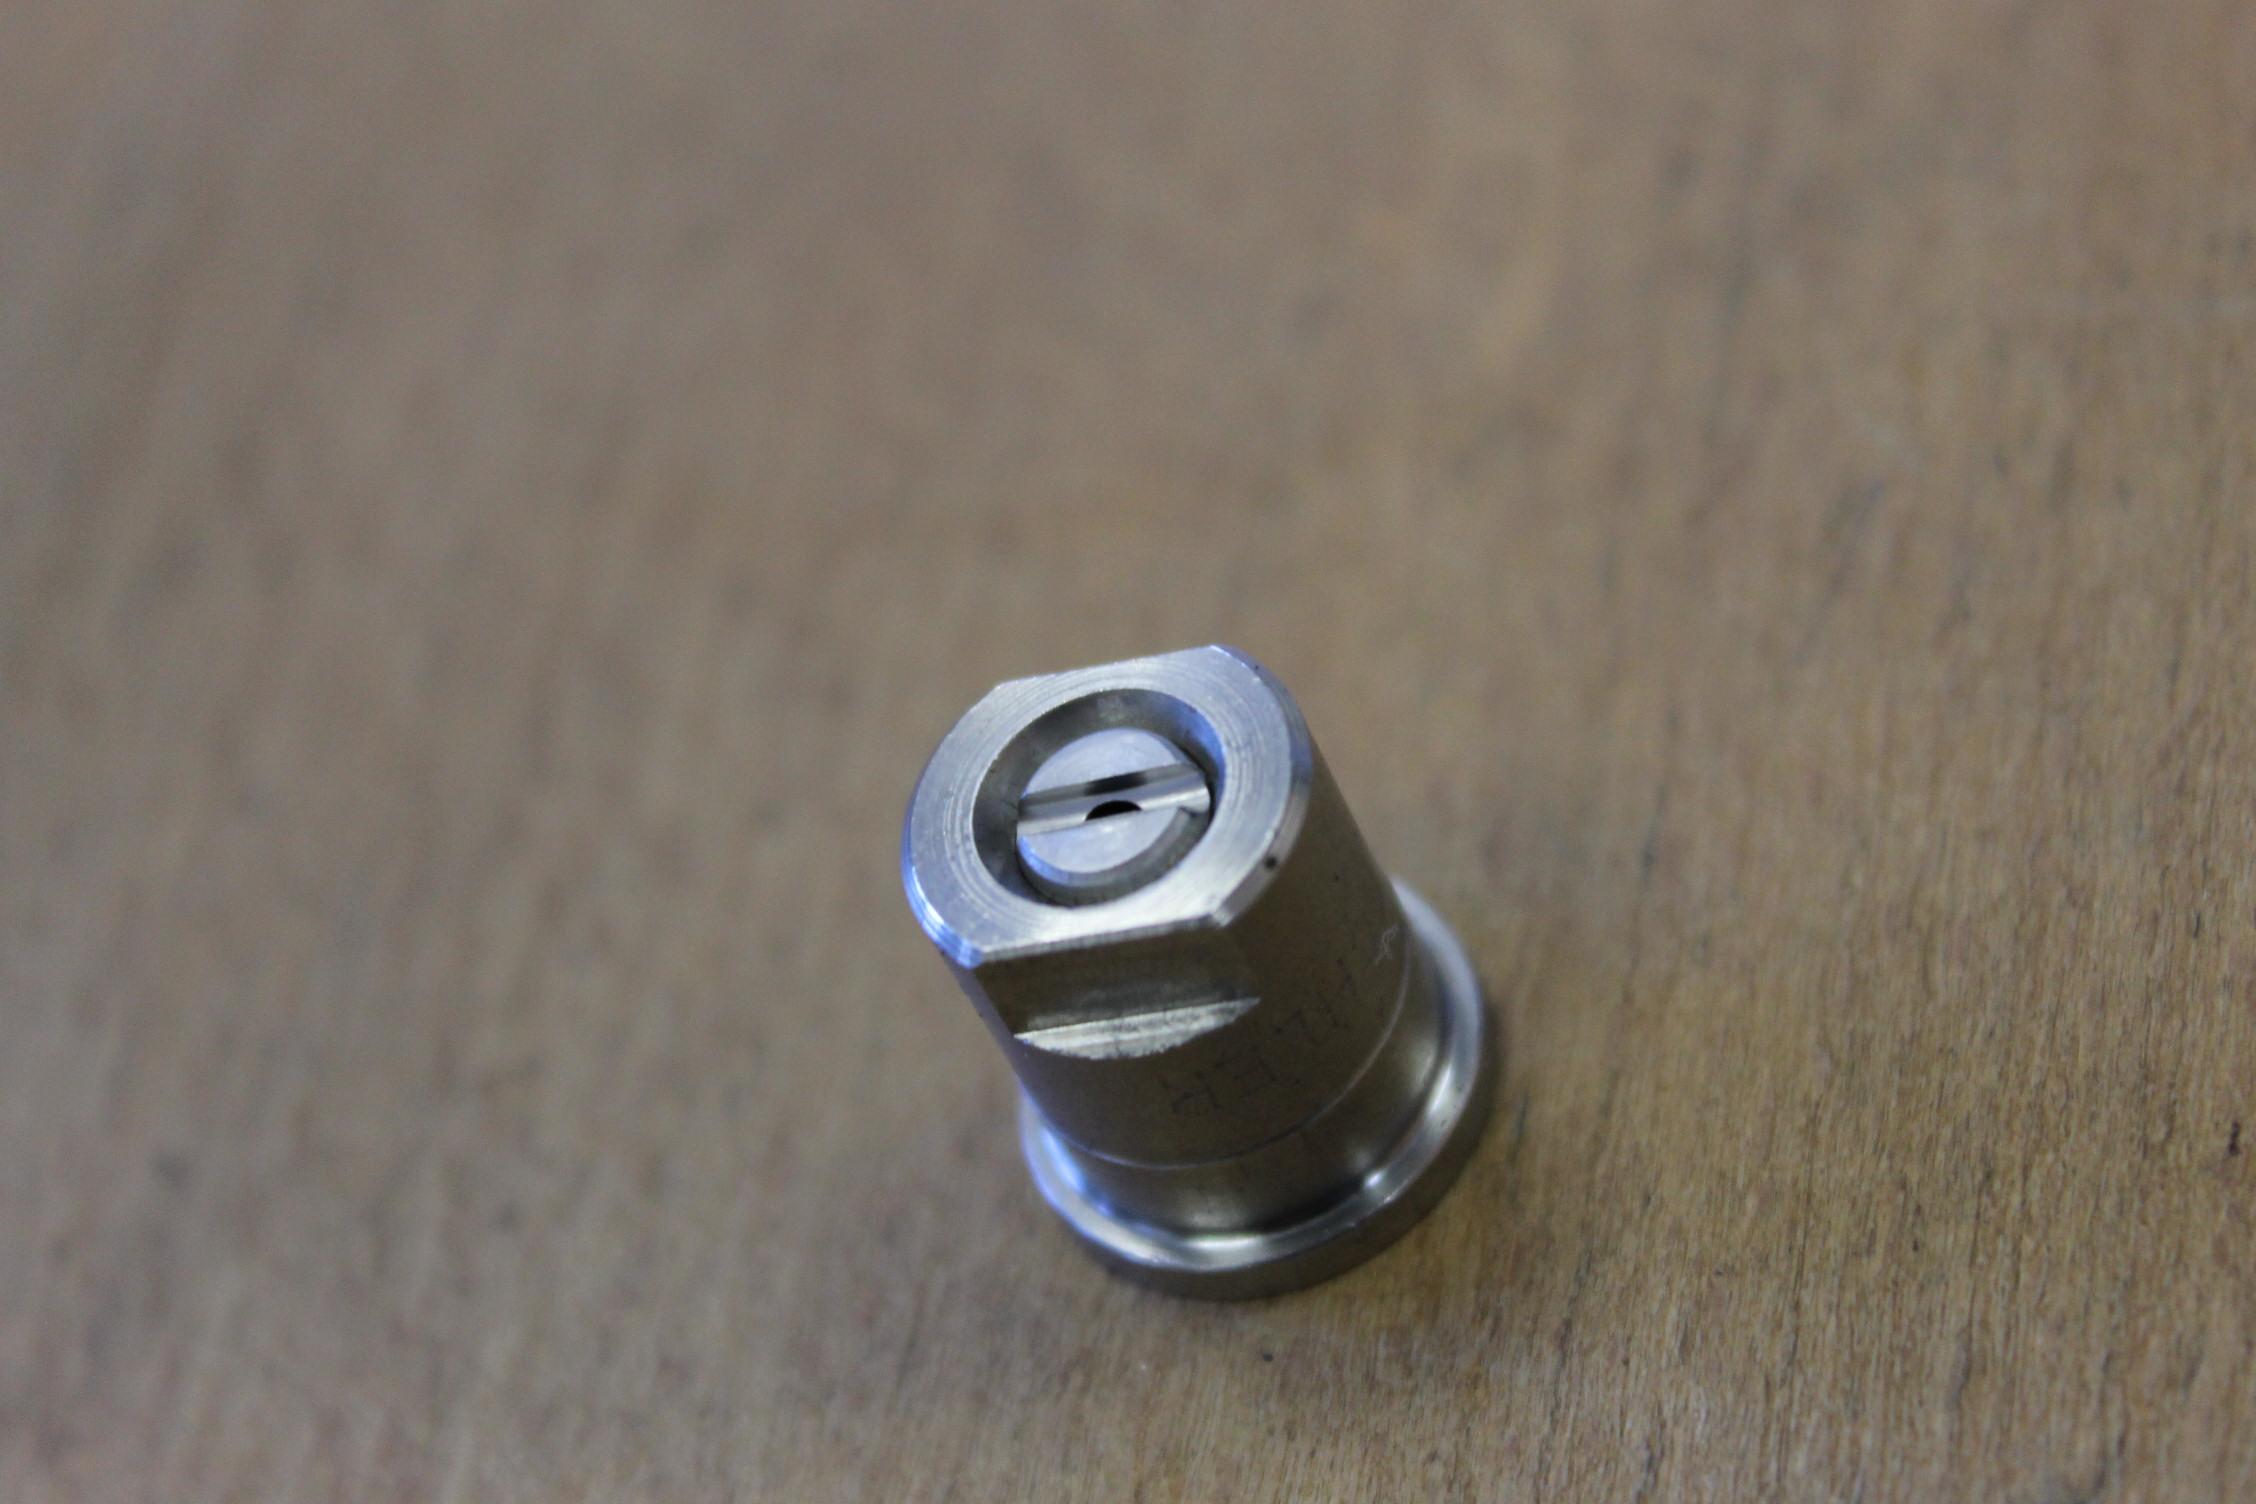 hochdruckreiniger center mittelhessen - hd-düse mundstück für